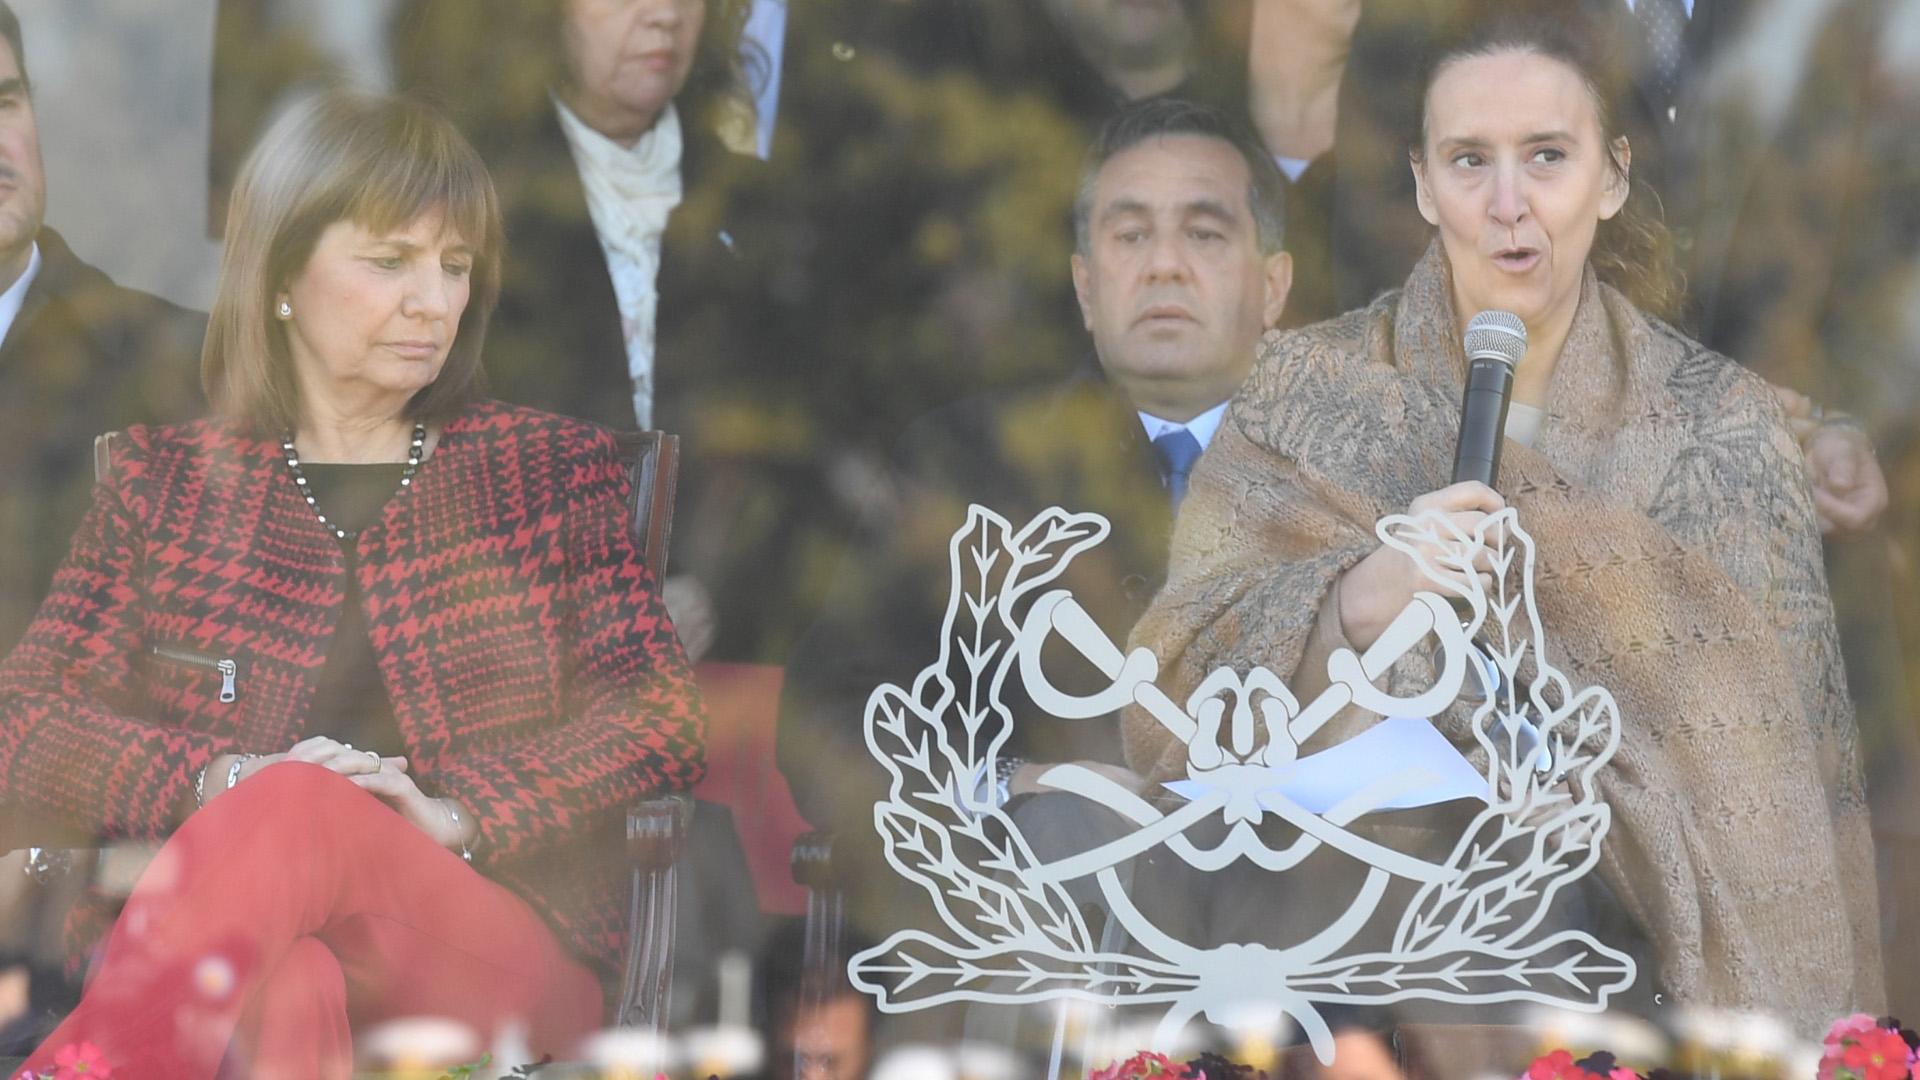 """La vicepresidente Gabriela Michetti encabezó el acto oficial por los 80 años de la Gendarmería. """"Me siento reconfortada con la invitación a esta ceremonia, quiero aprovechar la oportunidad para hacerles llegar una palabra de reconocimiento de todo el gobierno nacional"""", aseguró."""